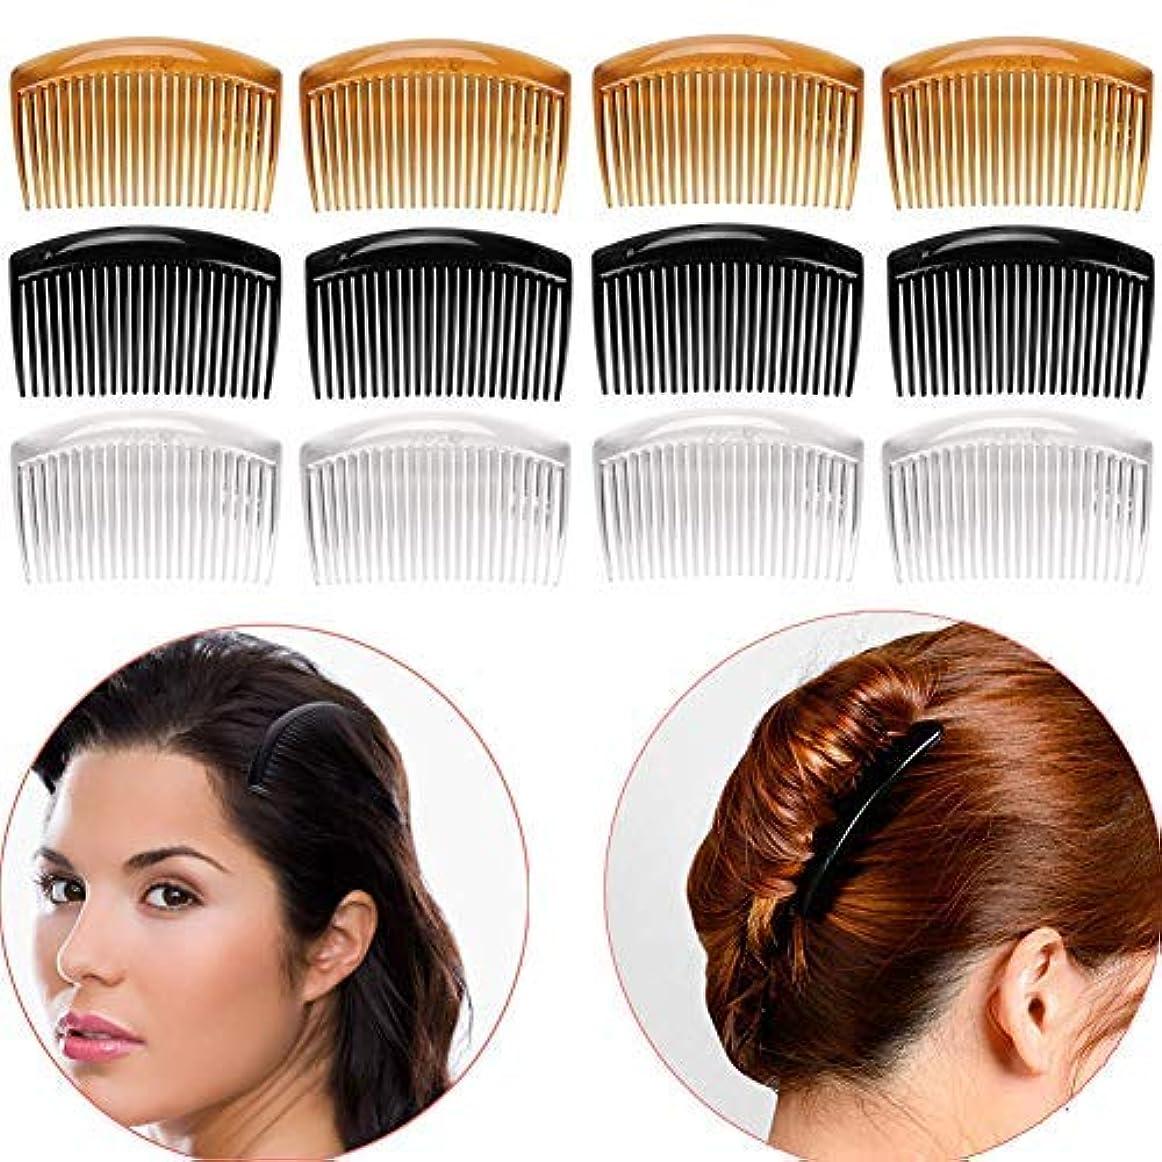 エリート単調な素子Luckycivia 12Pcs French Twist Comb, Plastic Side Hair Combs with 23 Teeth, Strong Hold No Slip Grip and Durable...